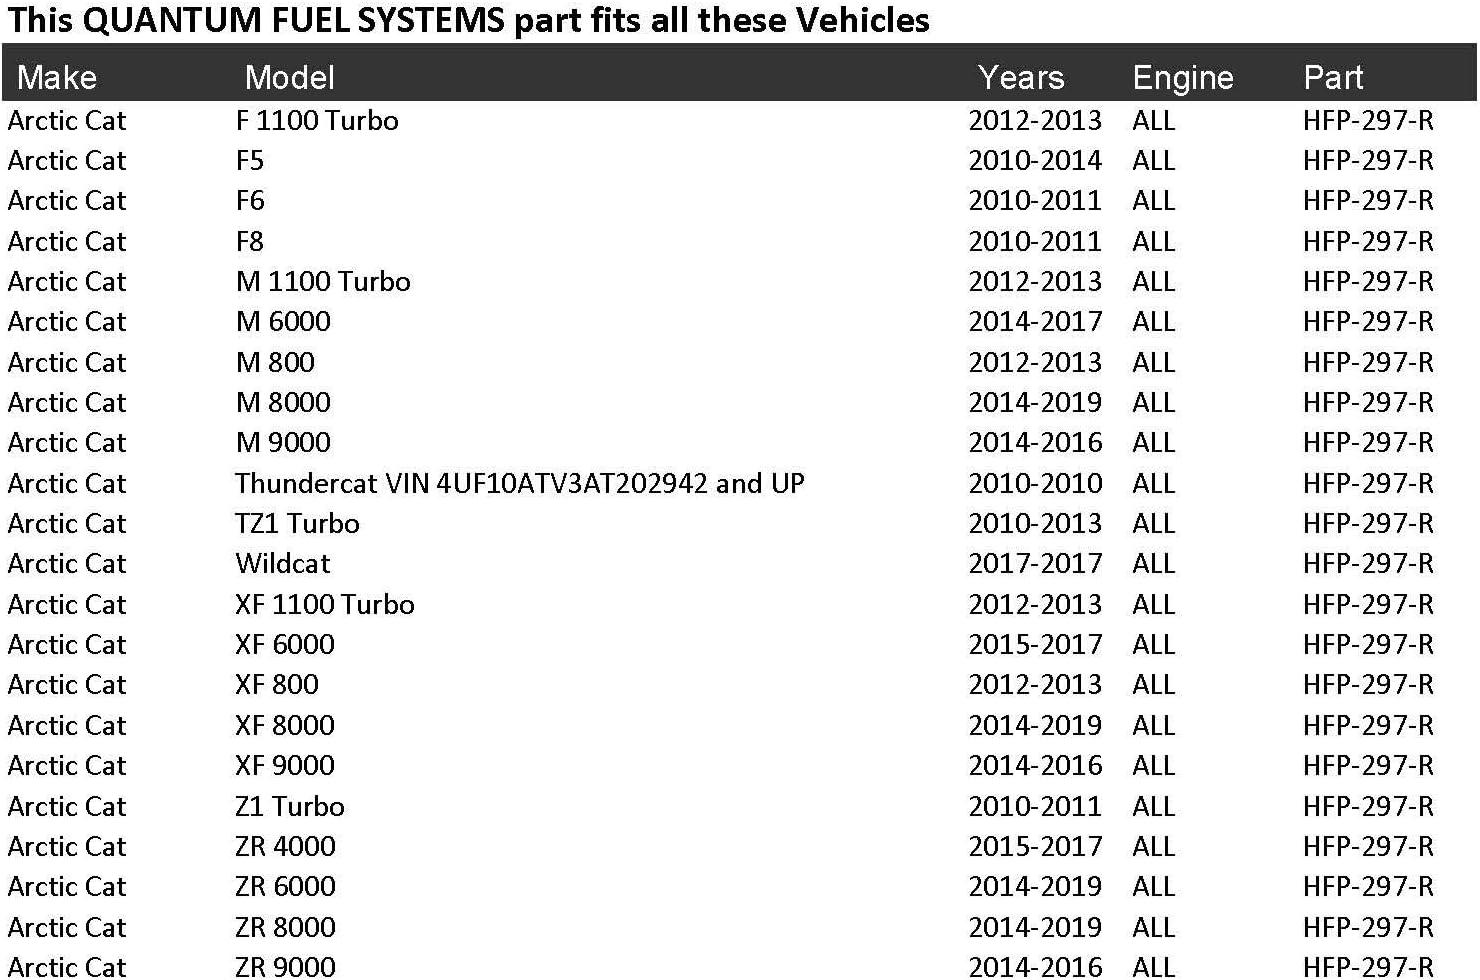 M800 M6000 M8000 M9000 Thundercat 2010-2018 Motoneige Pompe /à Carburant avec Filtre /à Tamis F5 F6 F8 M 1100 Turbo HFP-297-R Arc F 1100 Turbo